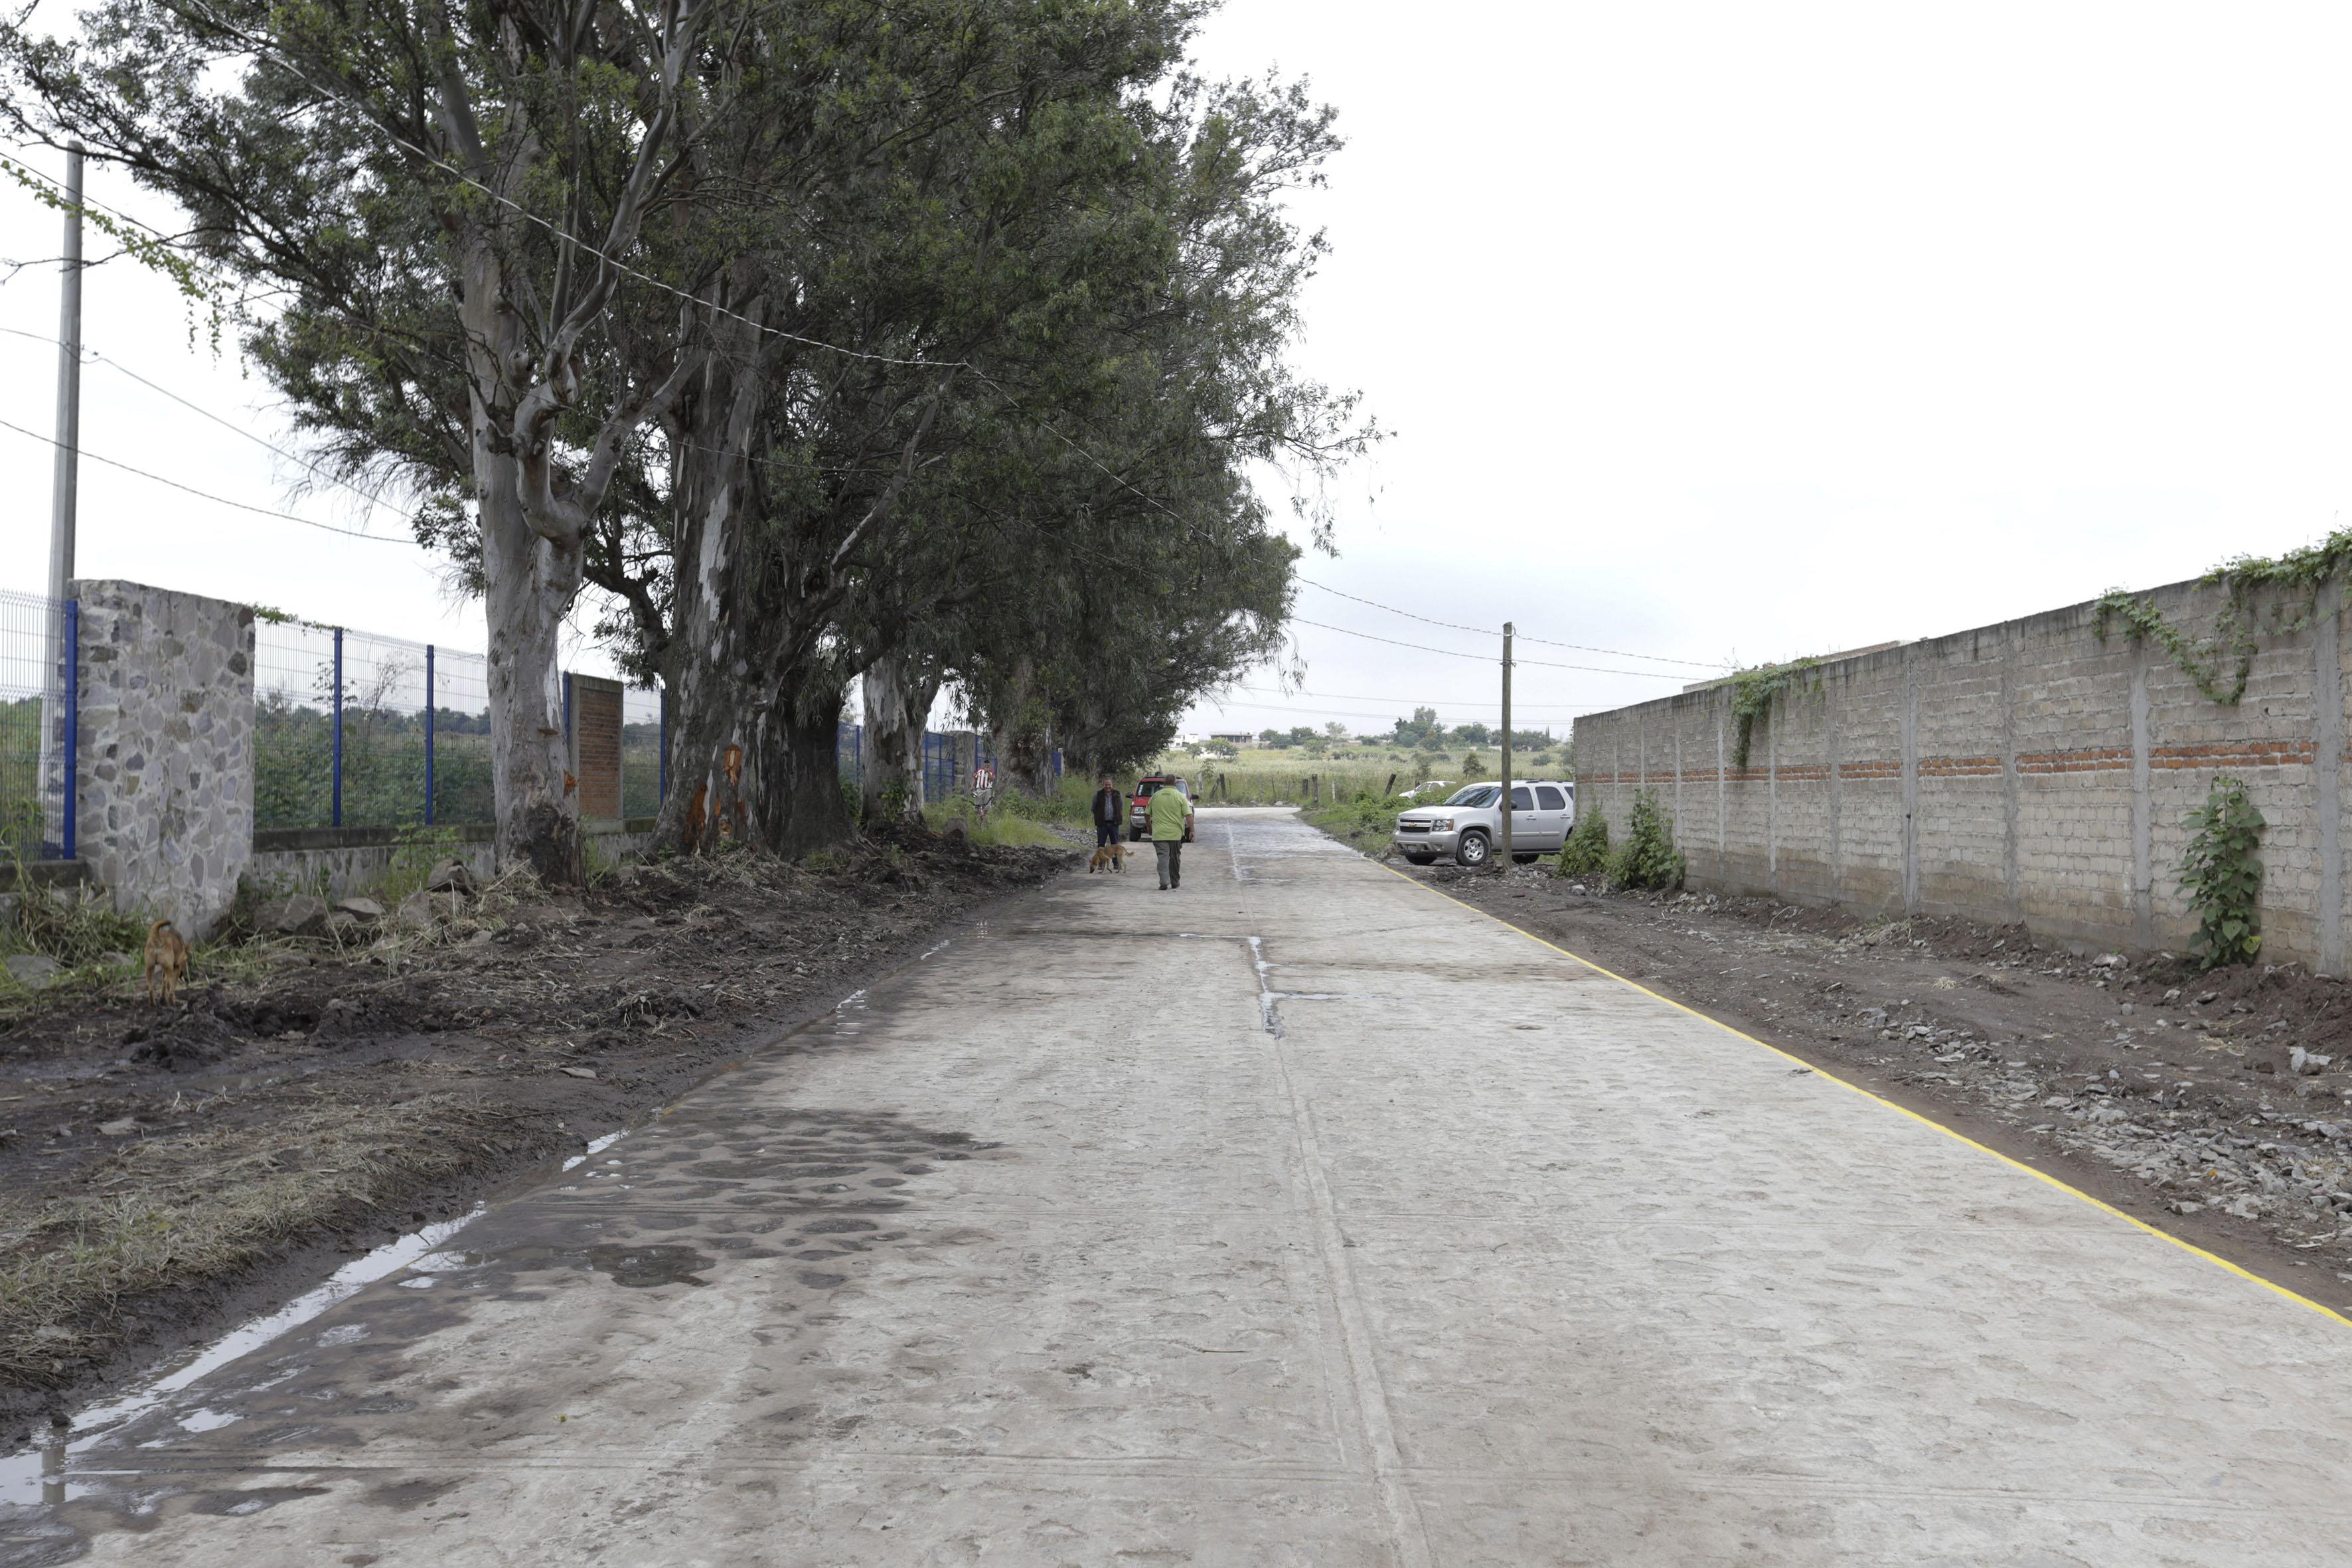 Nuevo camino de acceso al Centro Universitario de Tonalá, con una longitud de 2 kilómetros en concreto hidráulico y dos carriles de circulación.